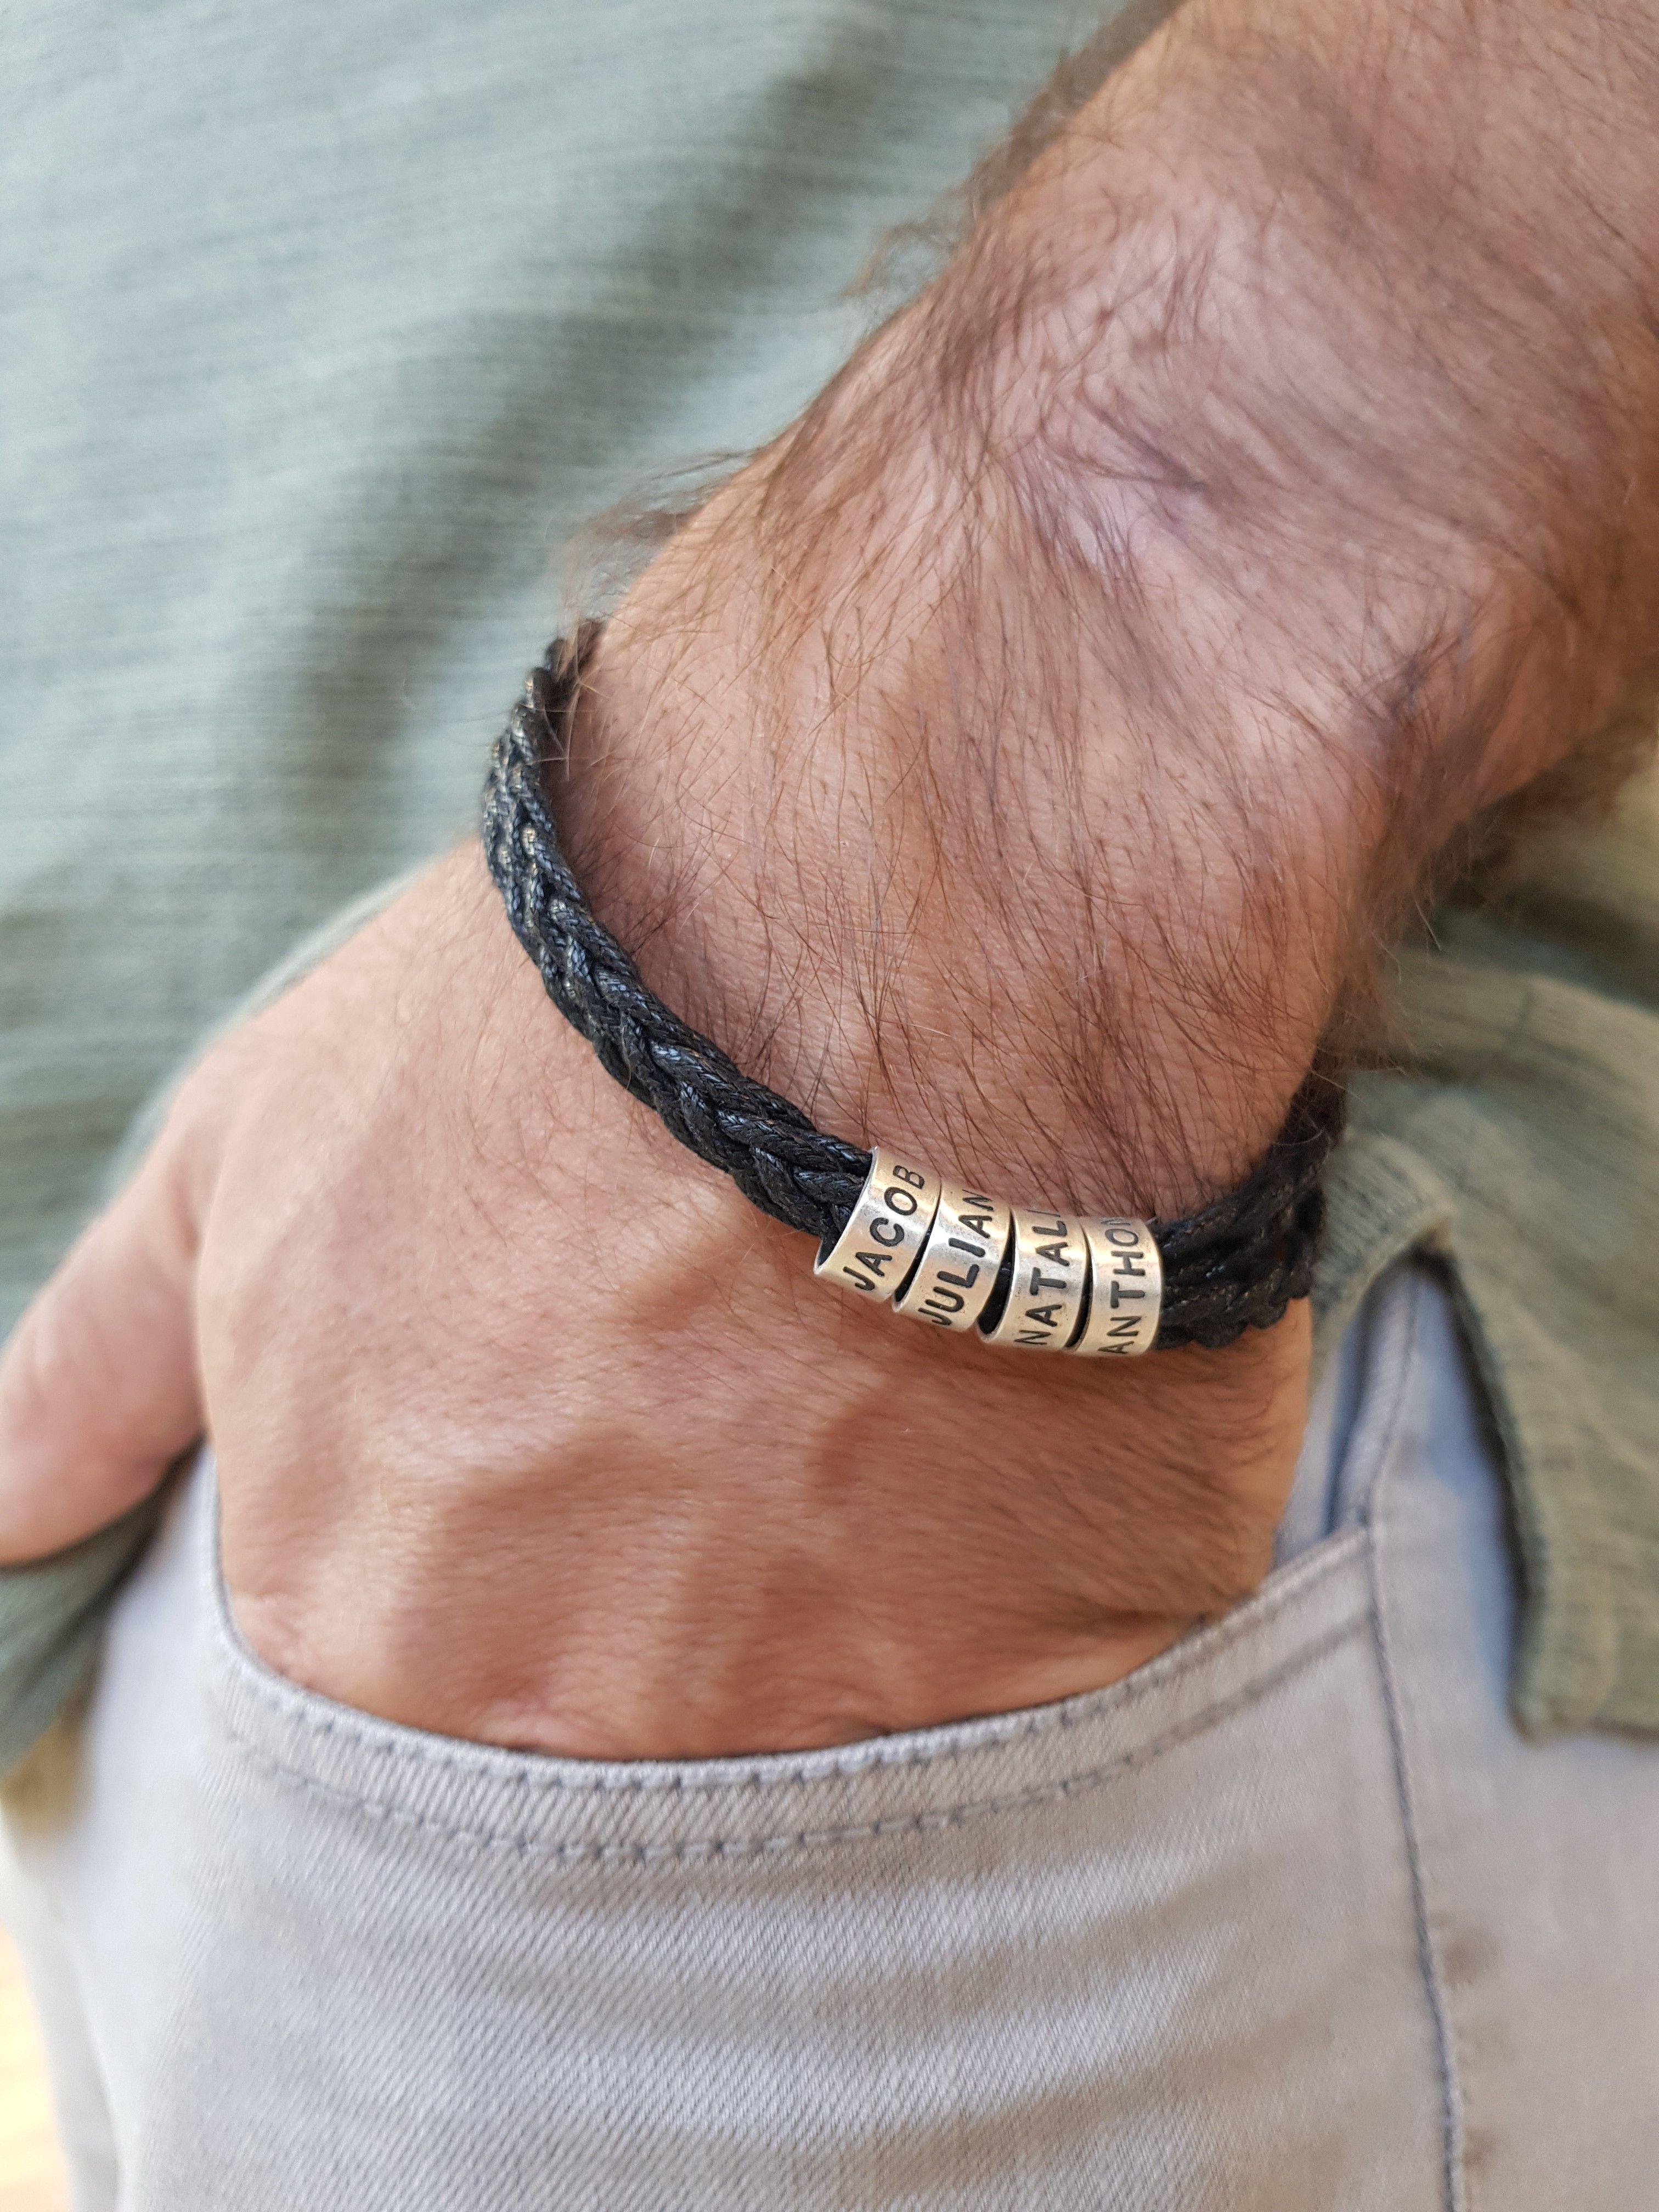 großes Sortiment Neuankömmling neueste Kollektion Herrenarmband mit Gravur auf kleinen personalisierten Beads ...